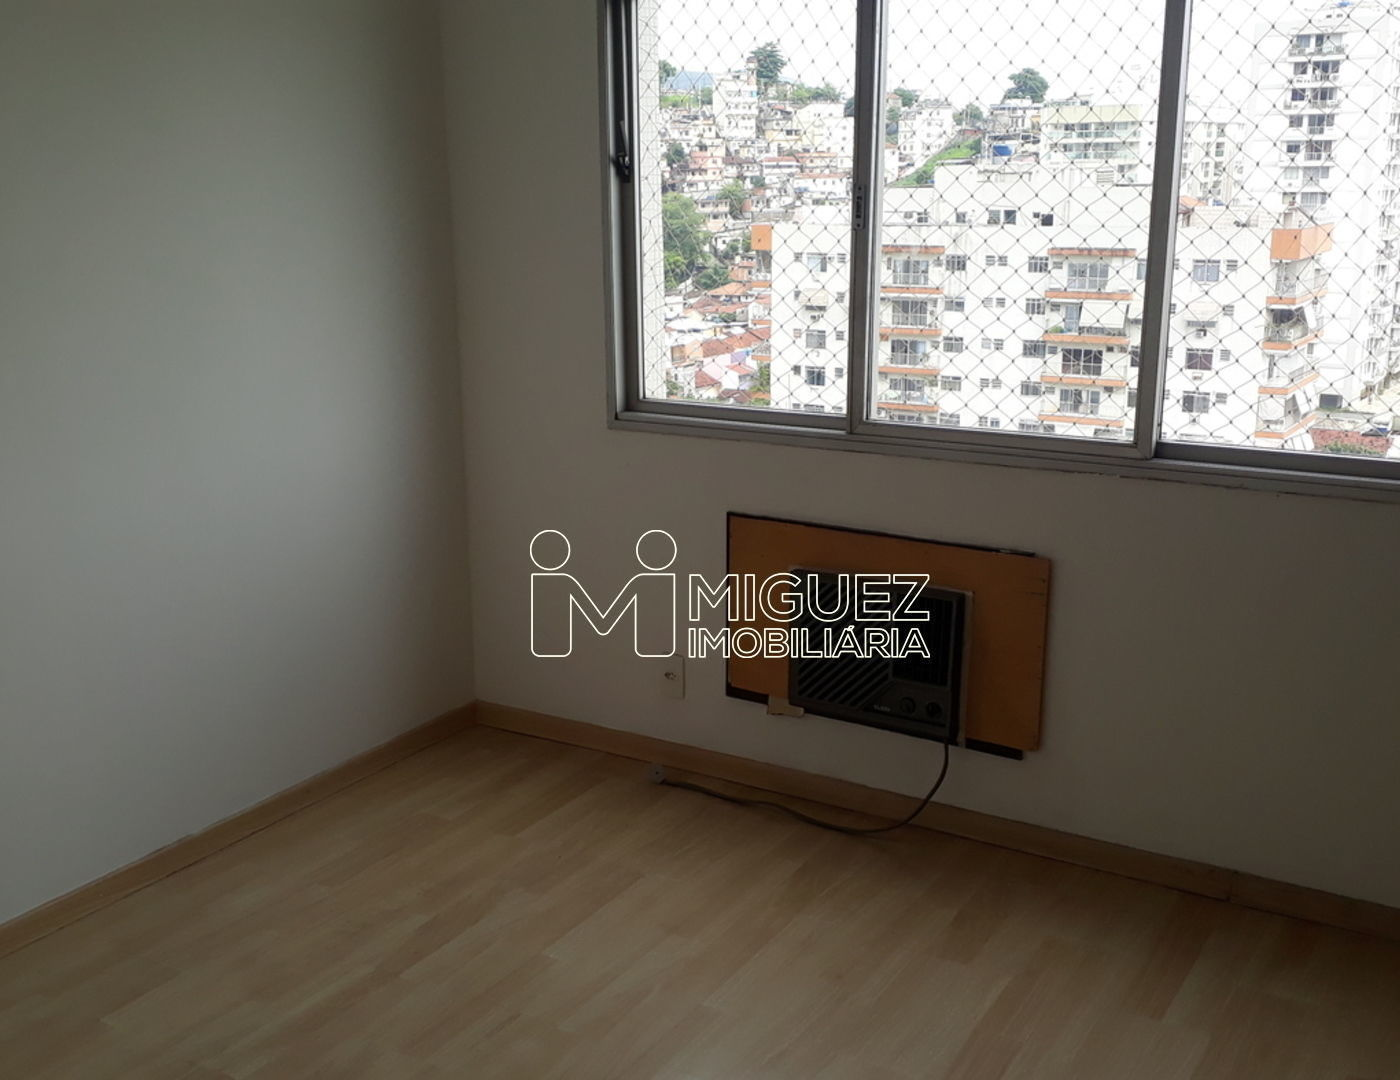 Apartamento, aluguel, Rua Oliveira da Silva - Tijuca , Rio de janeiro